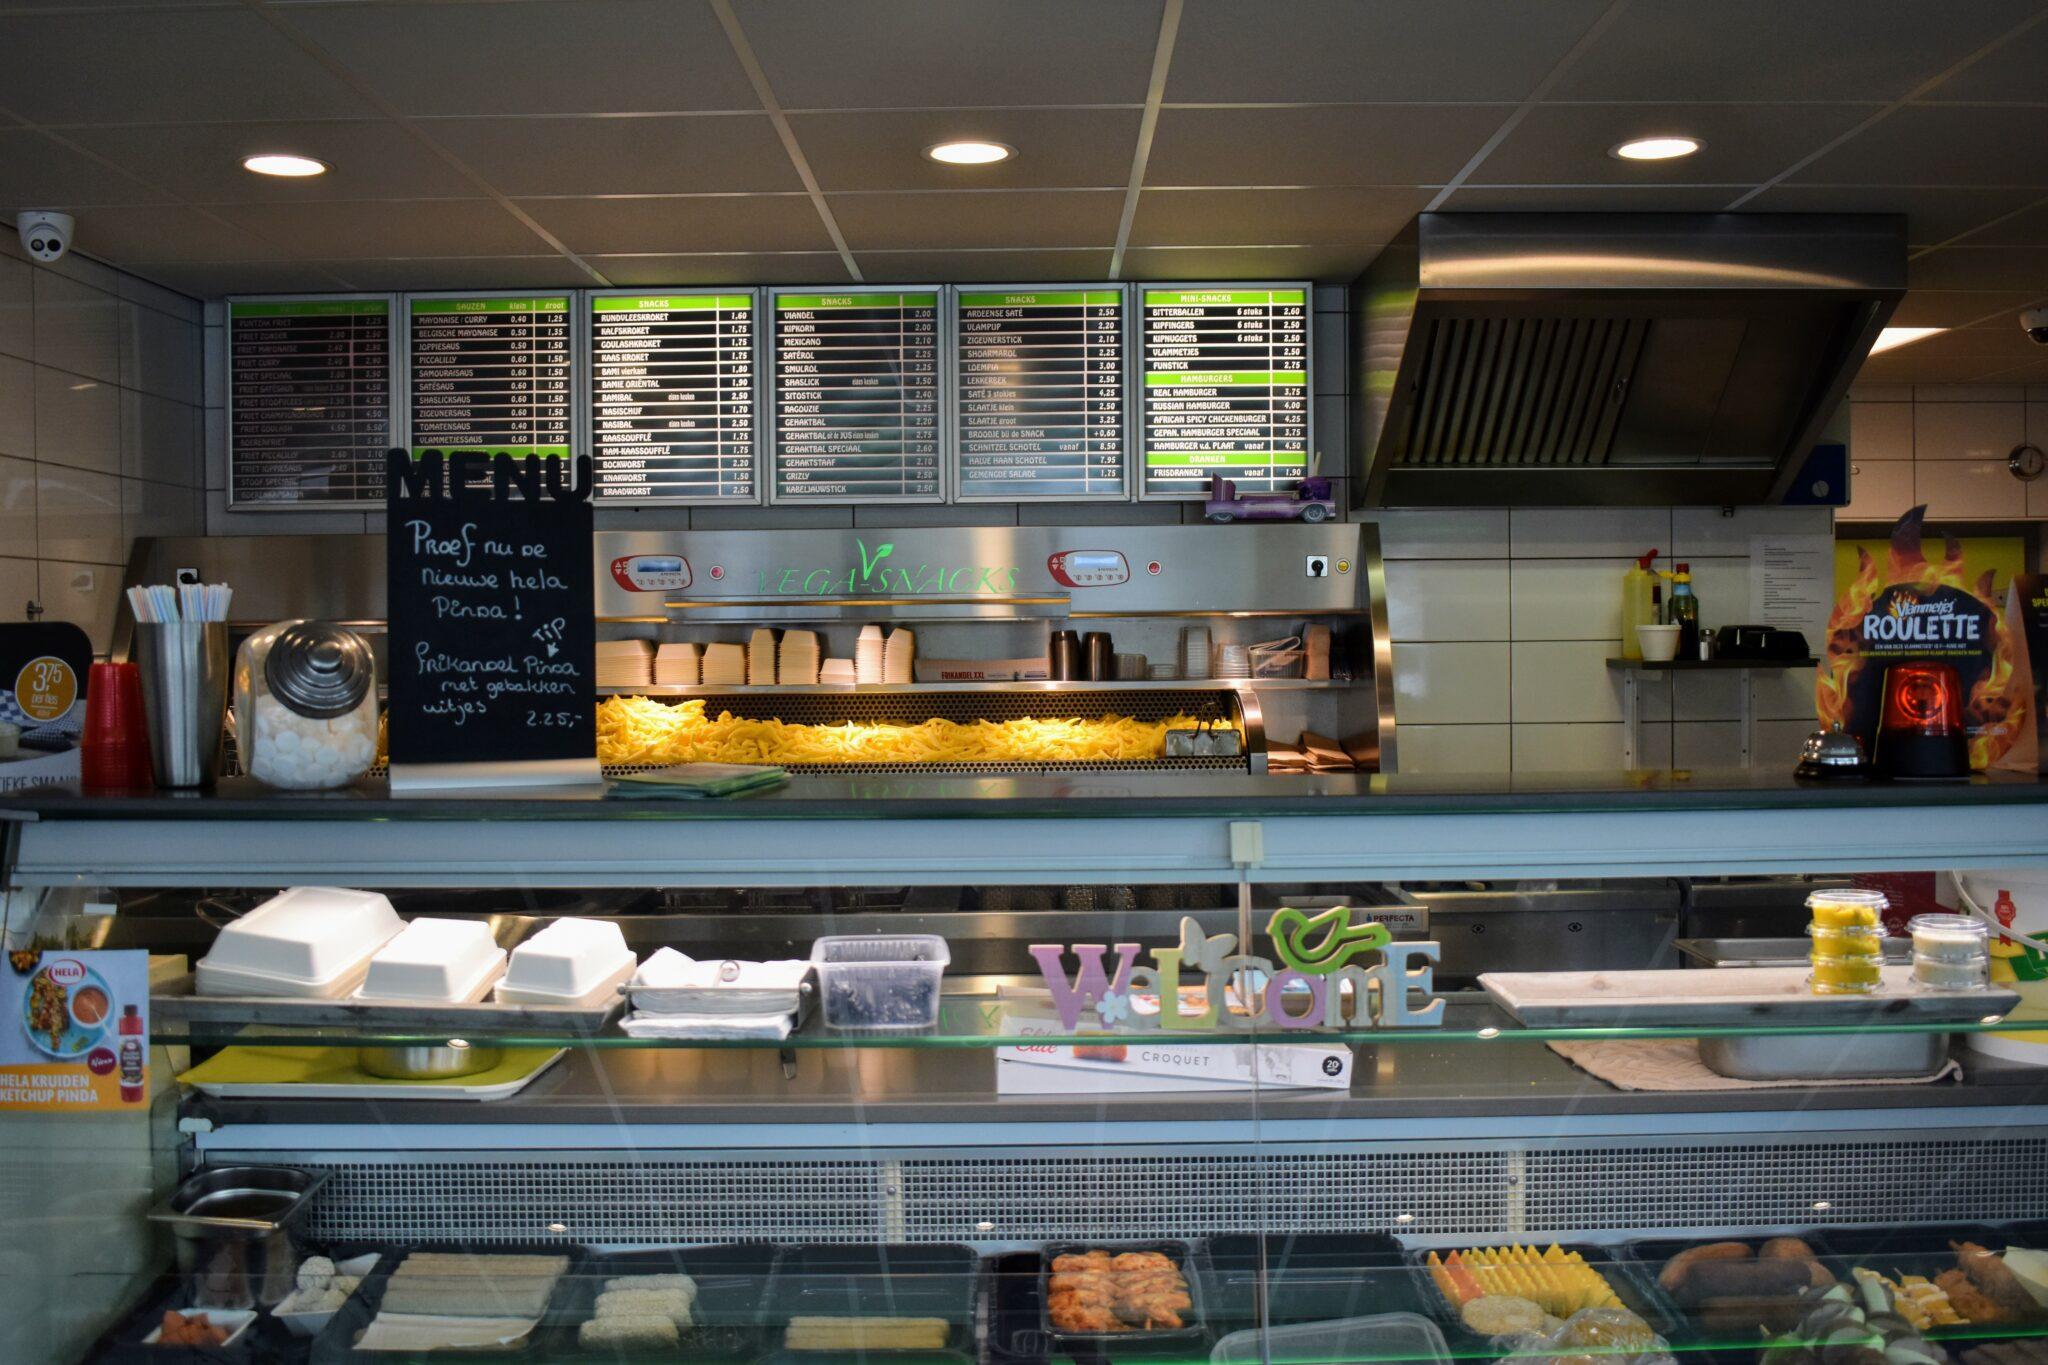 Cafetaria De Brug Melissa Heymans 001 (1)